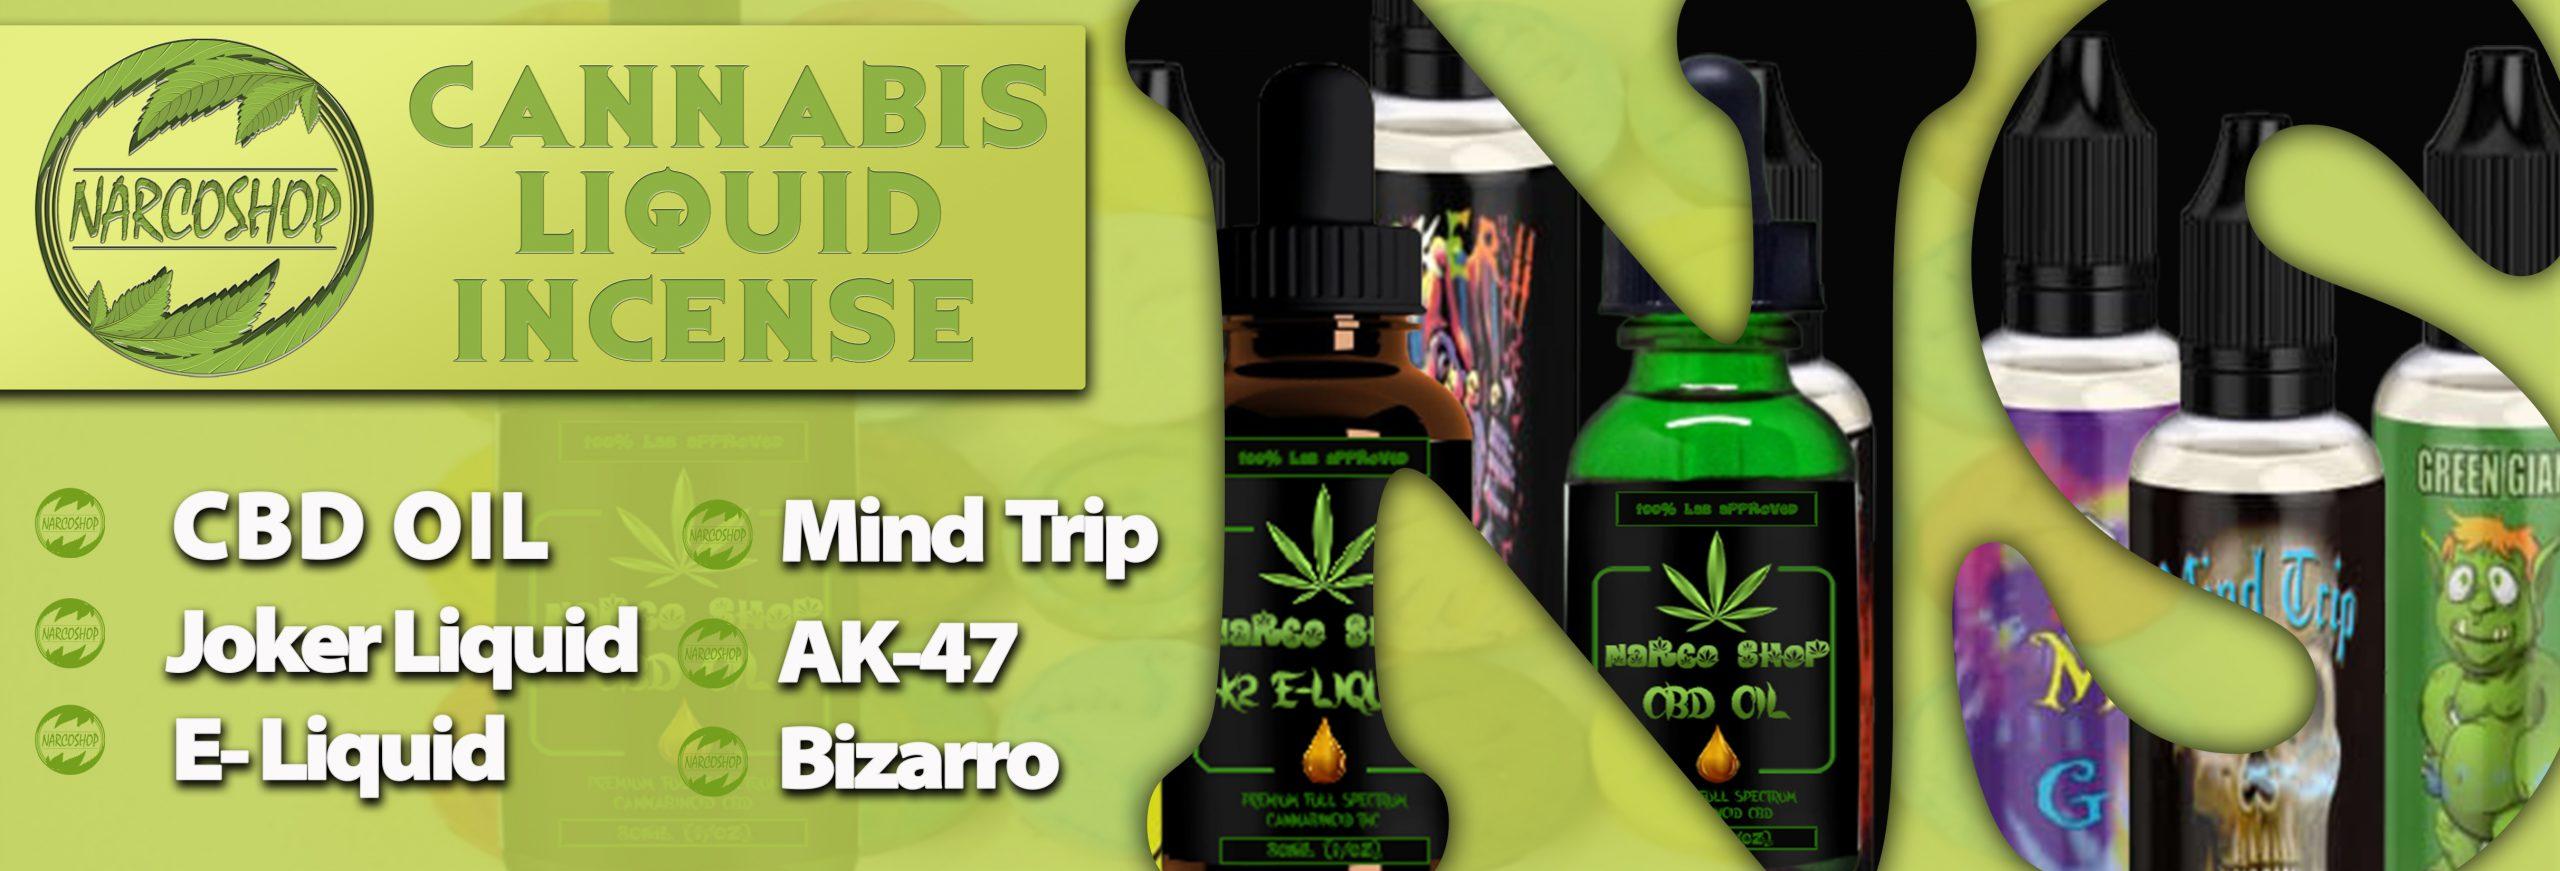 cannabis liquid incense